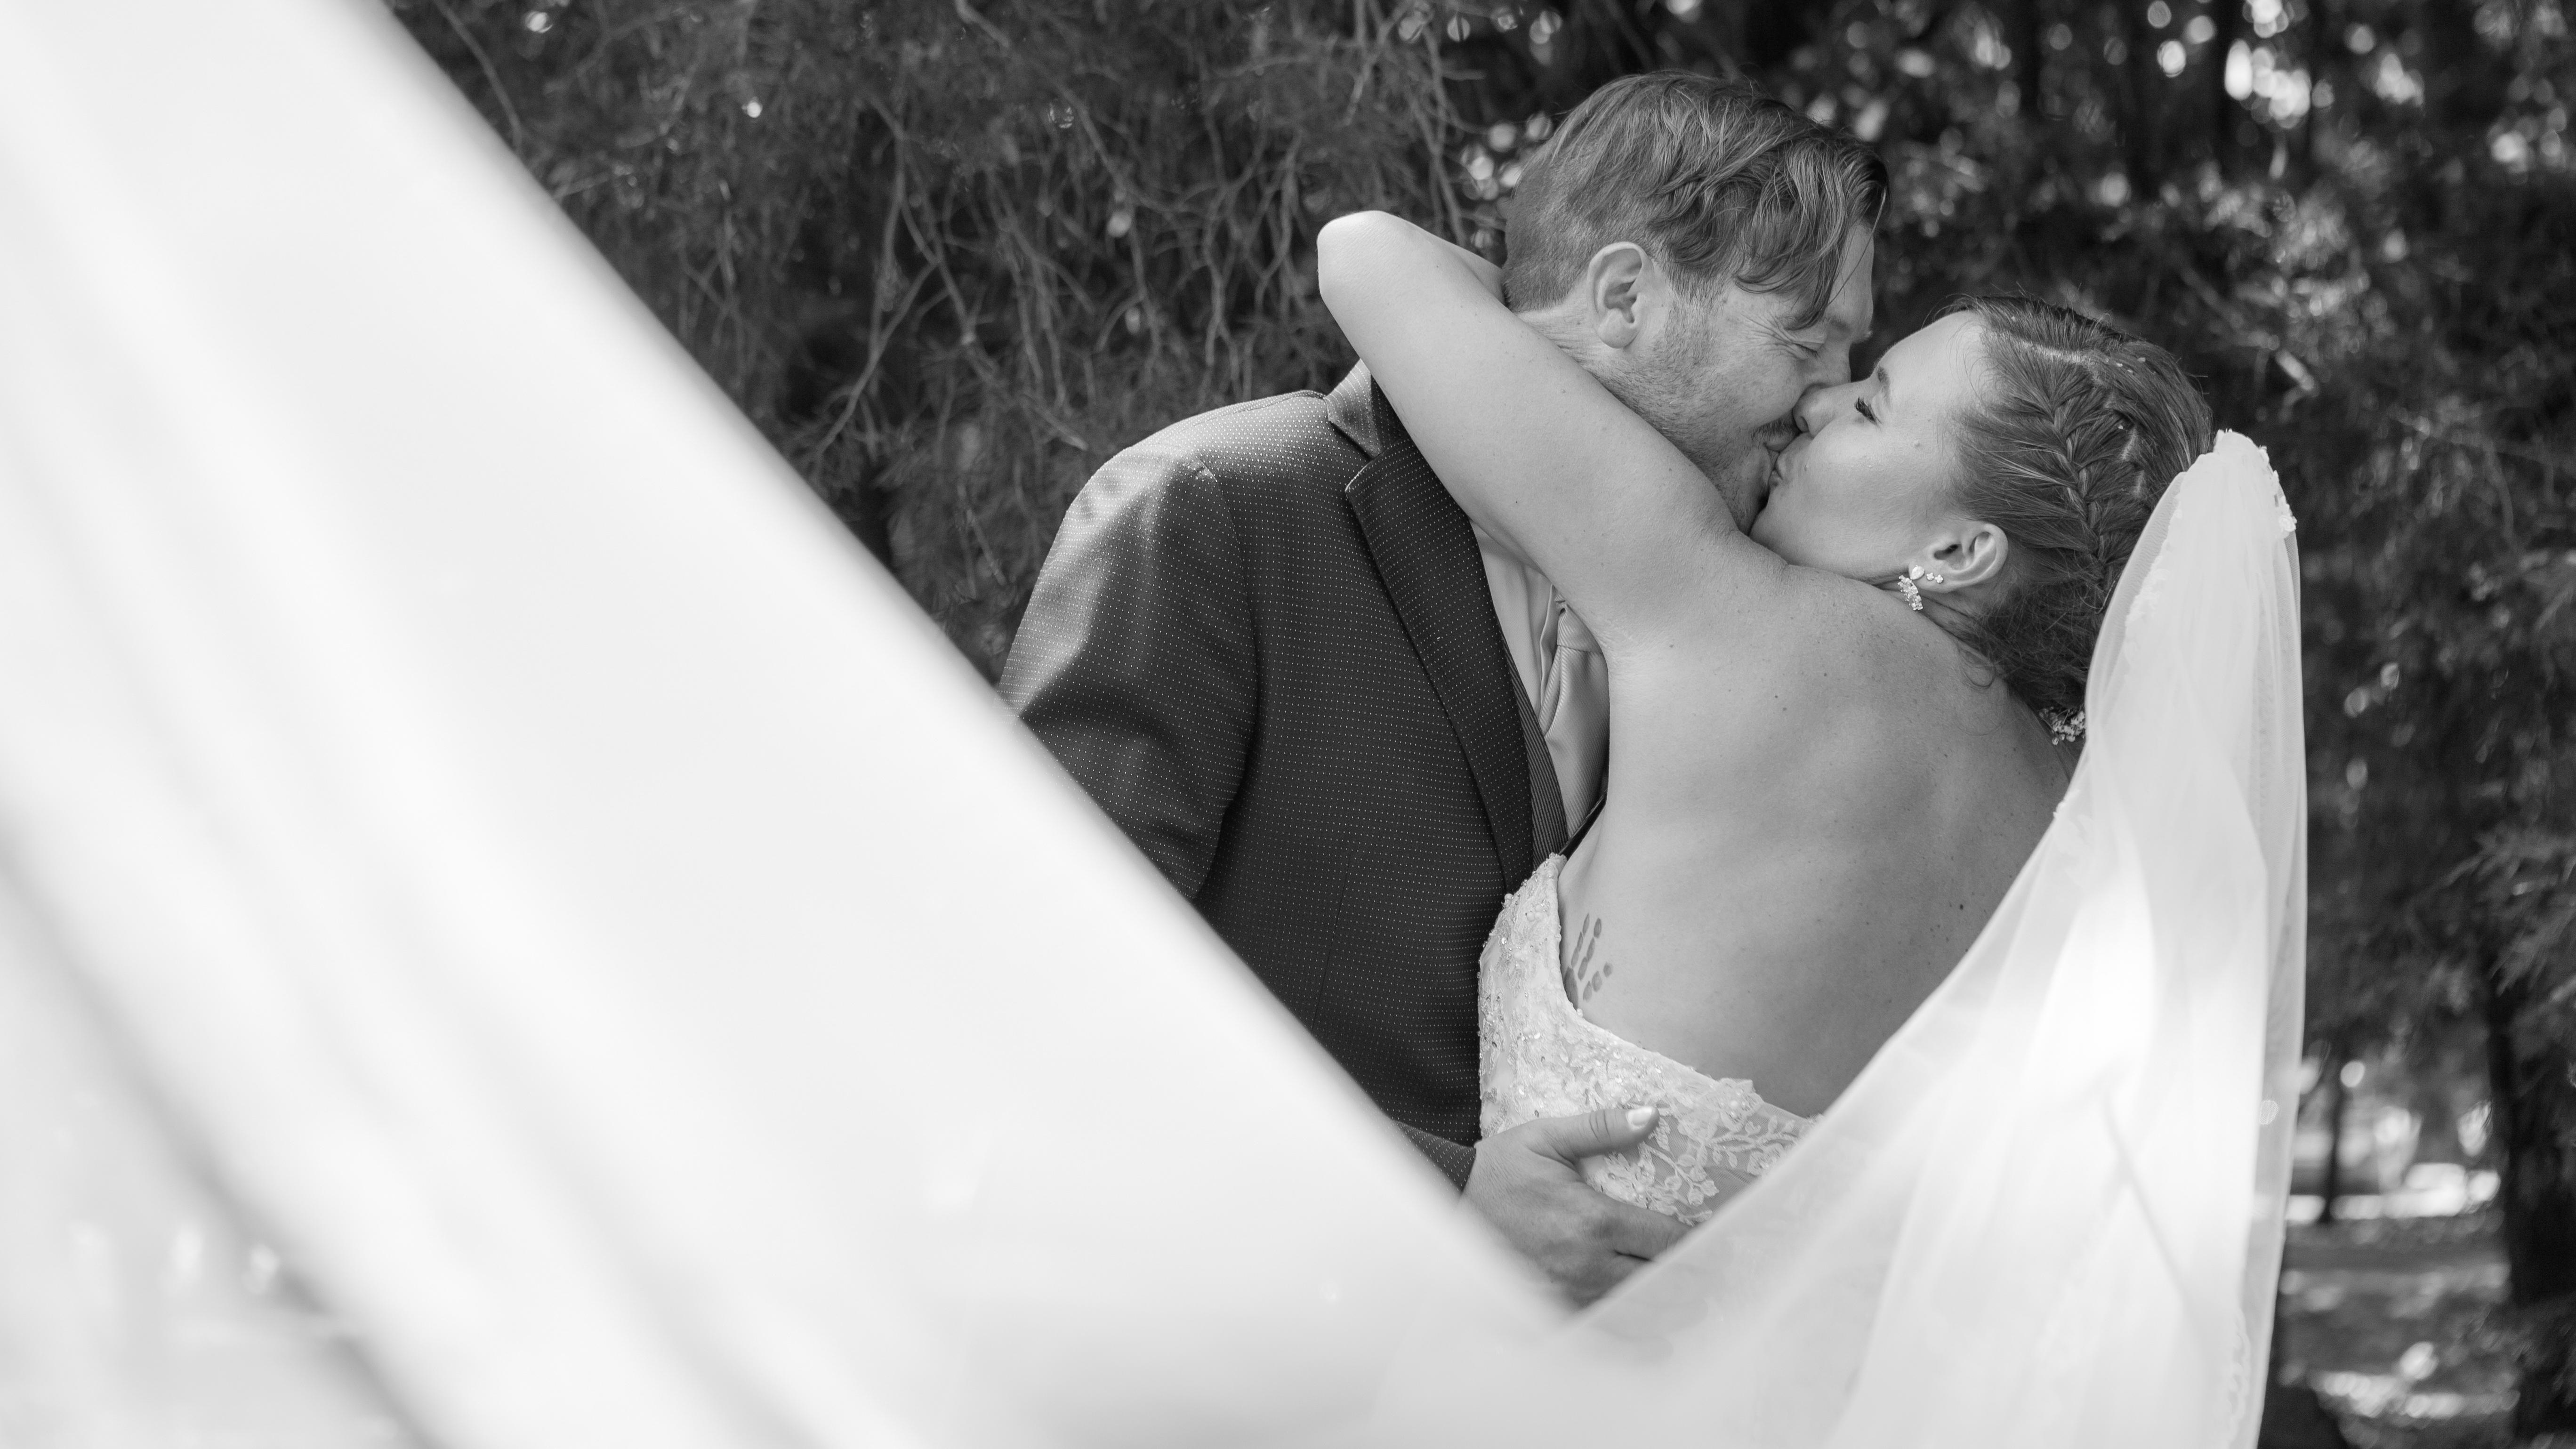 Matrimonio_Sito-27